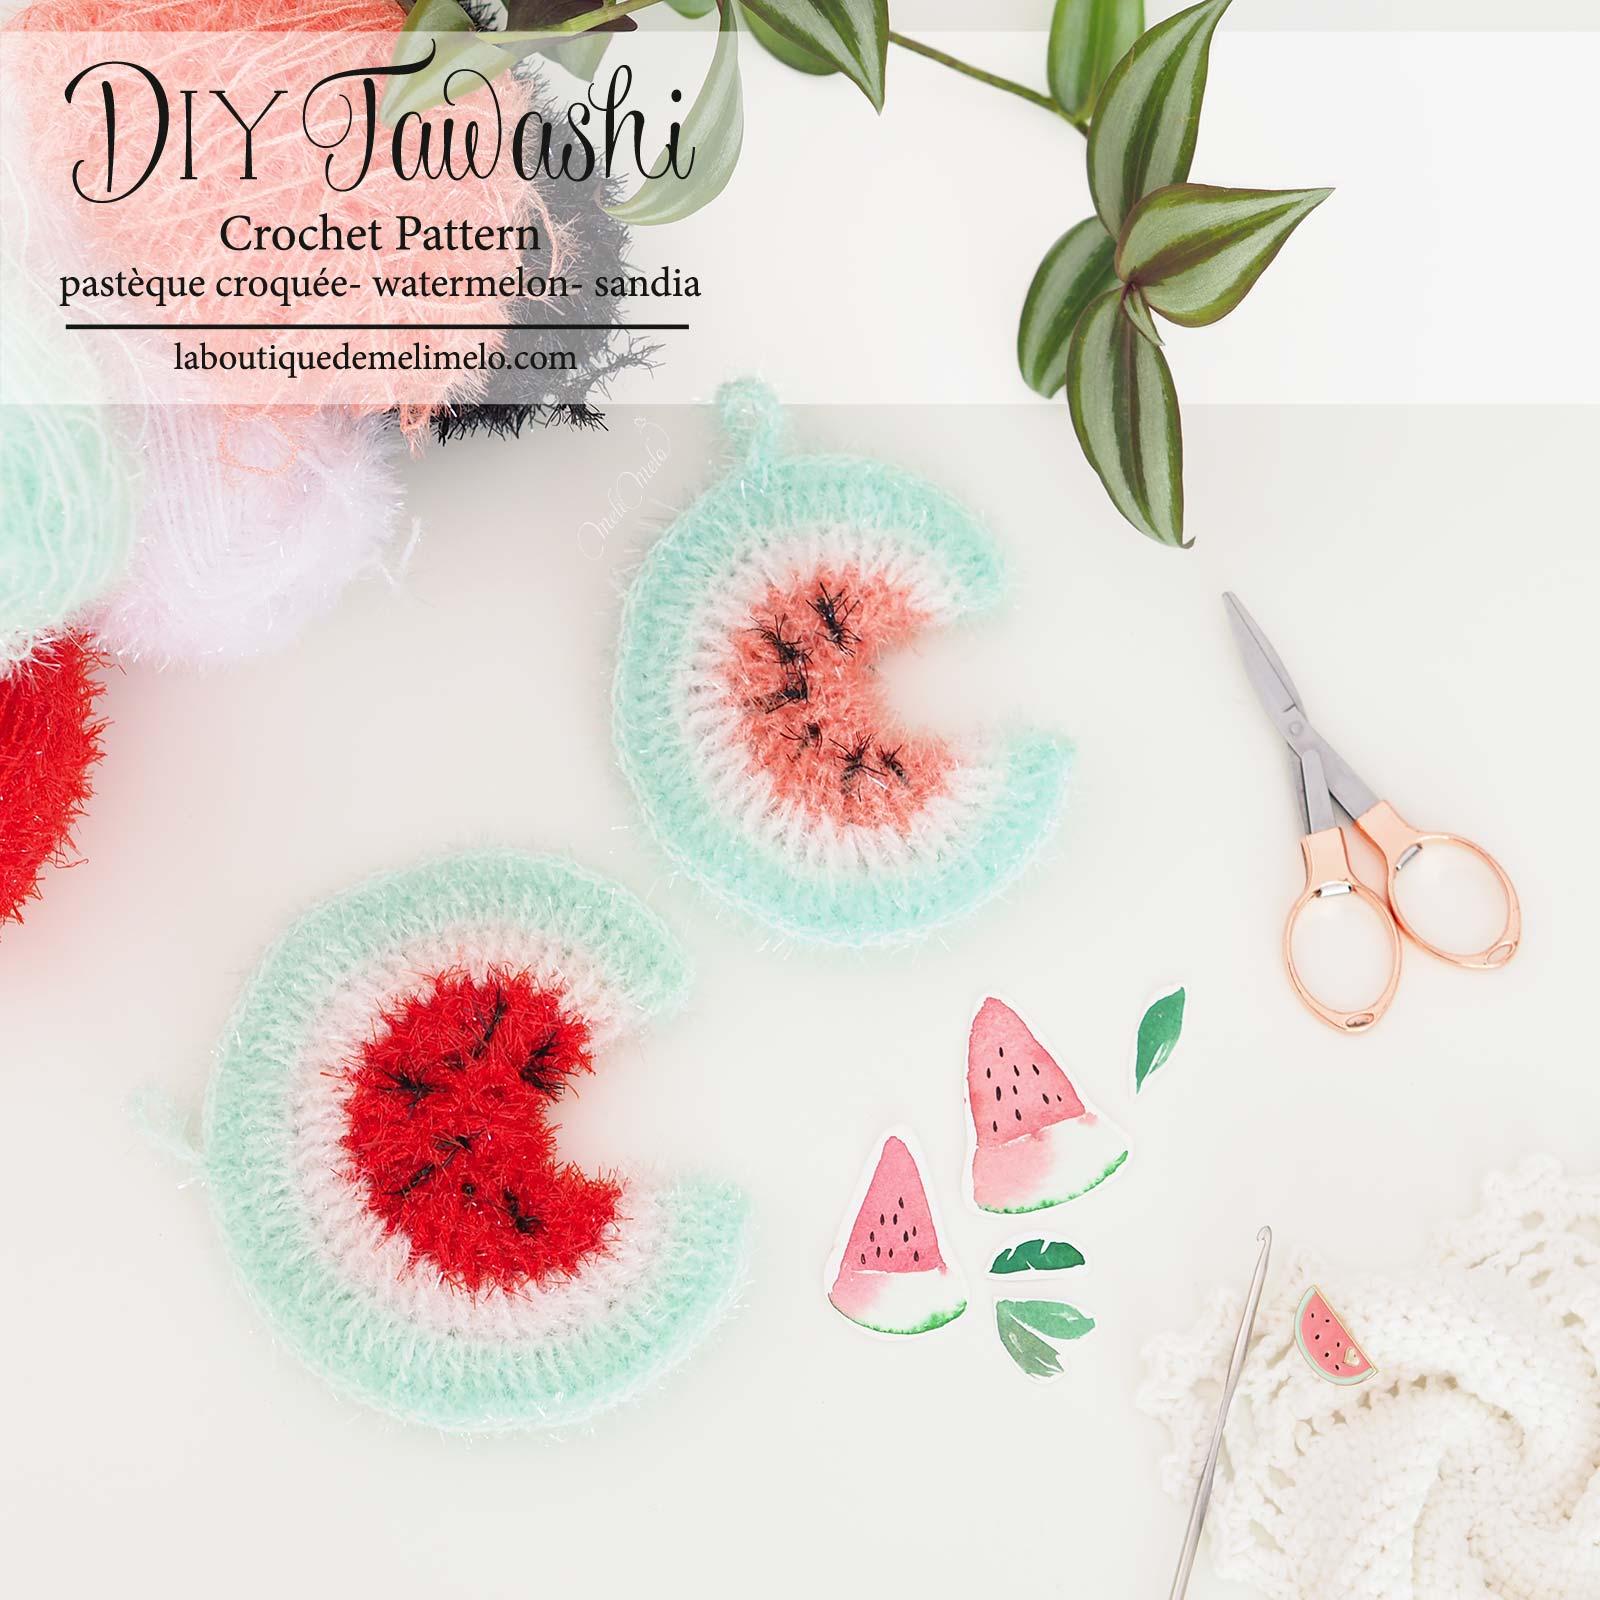 DIY tawashi tutoriel éponge pastèque crochet DIY scrubber watermelon patron sandia esponja laboutiquedemelimelo